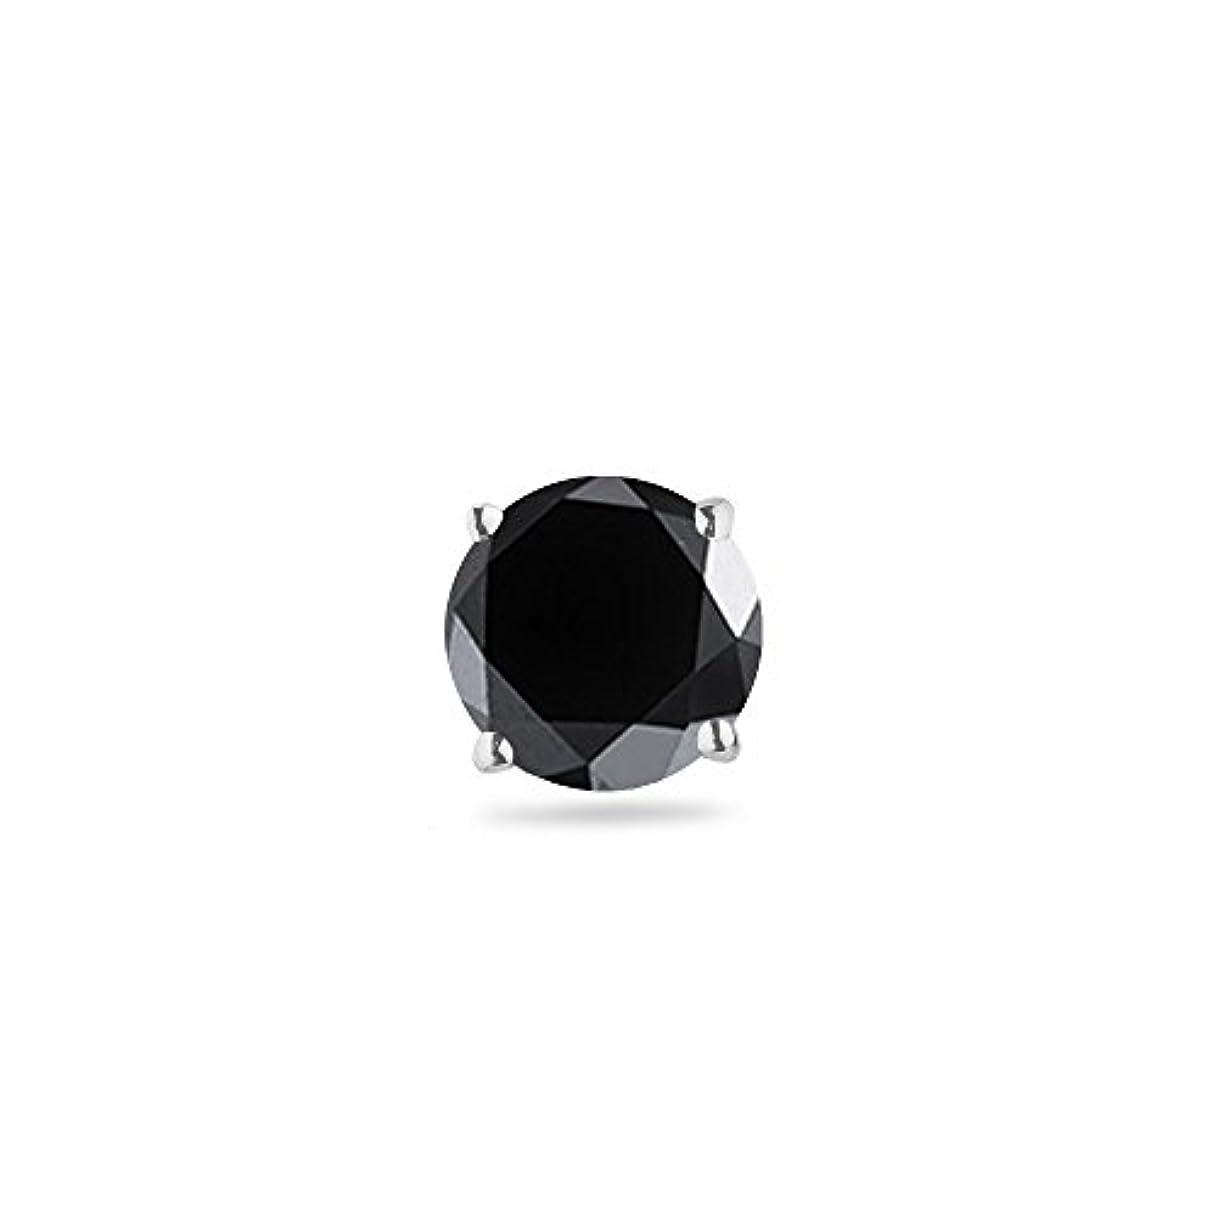 グリーンランド堂々たる関係3 / 4 ( 0.71 – 0.80 ) CT 5.34 MM AAラウンドブラックダイヤモンドメンズシングルstud-14 Kホワイトゴールド